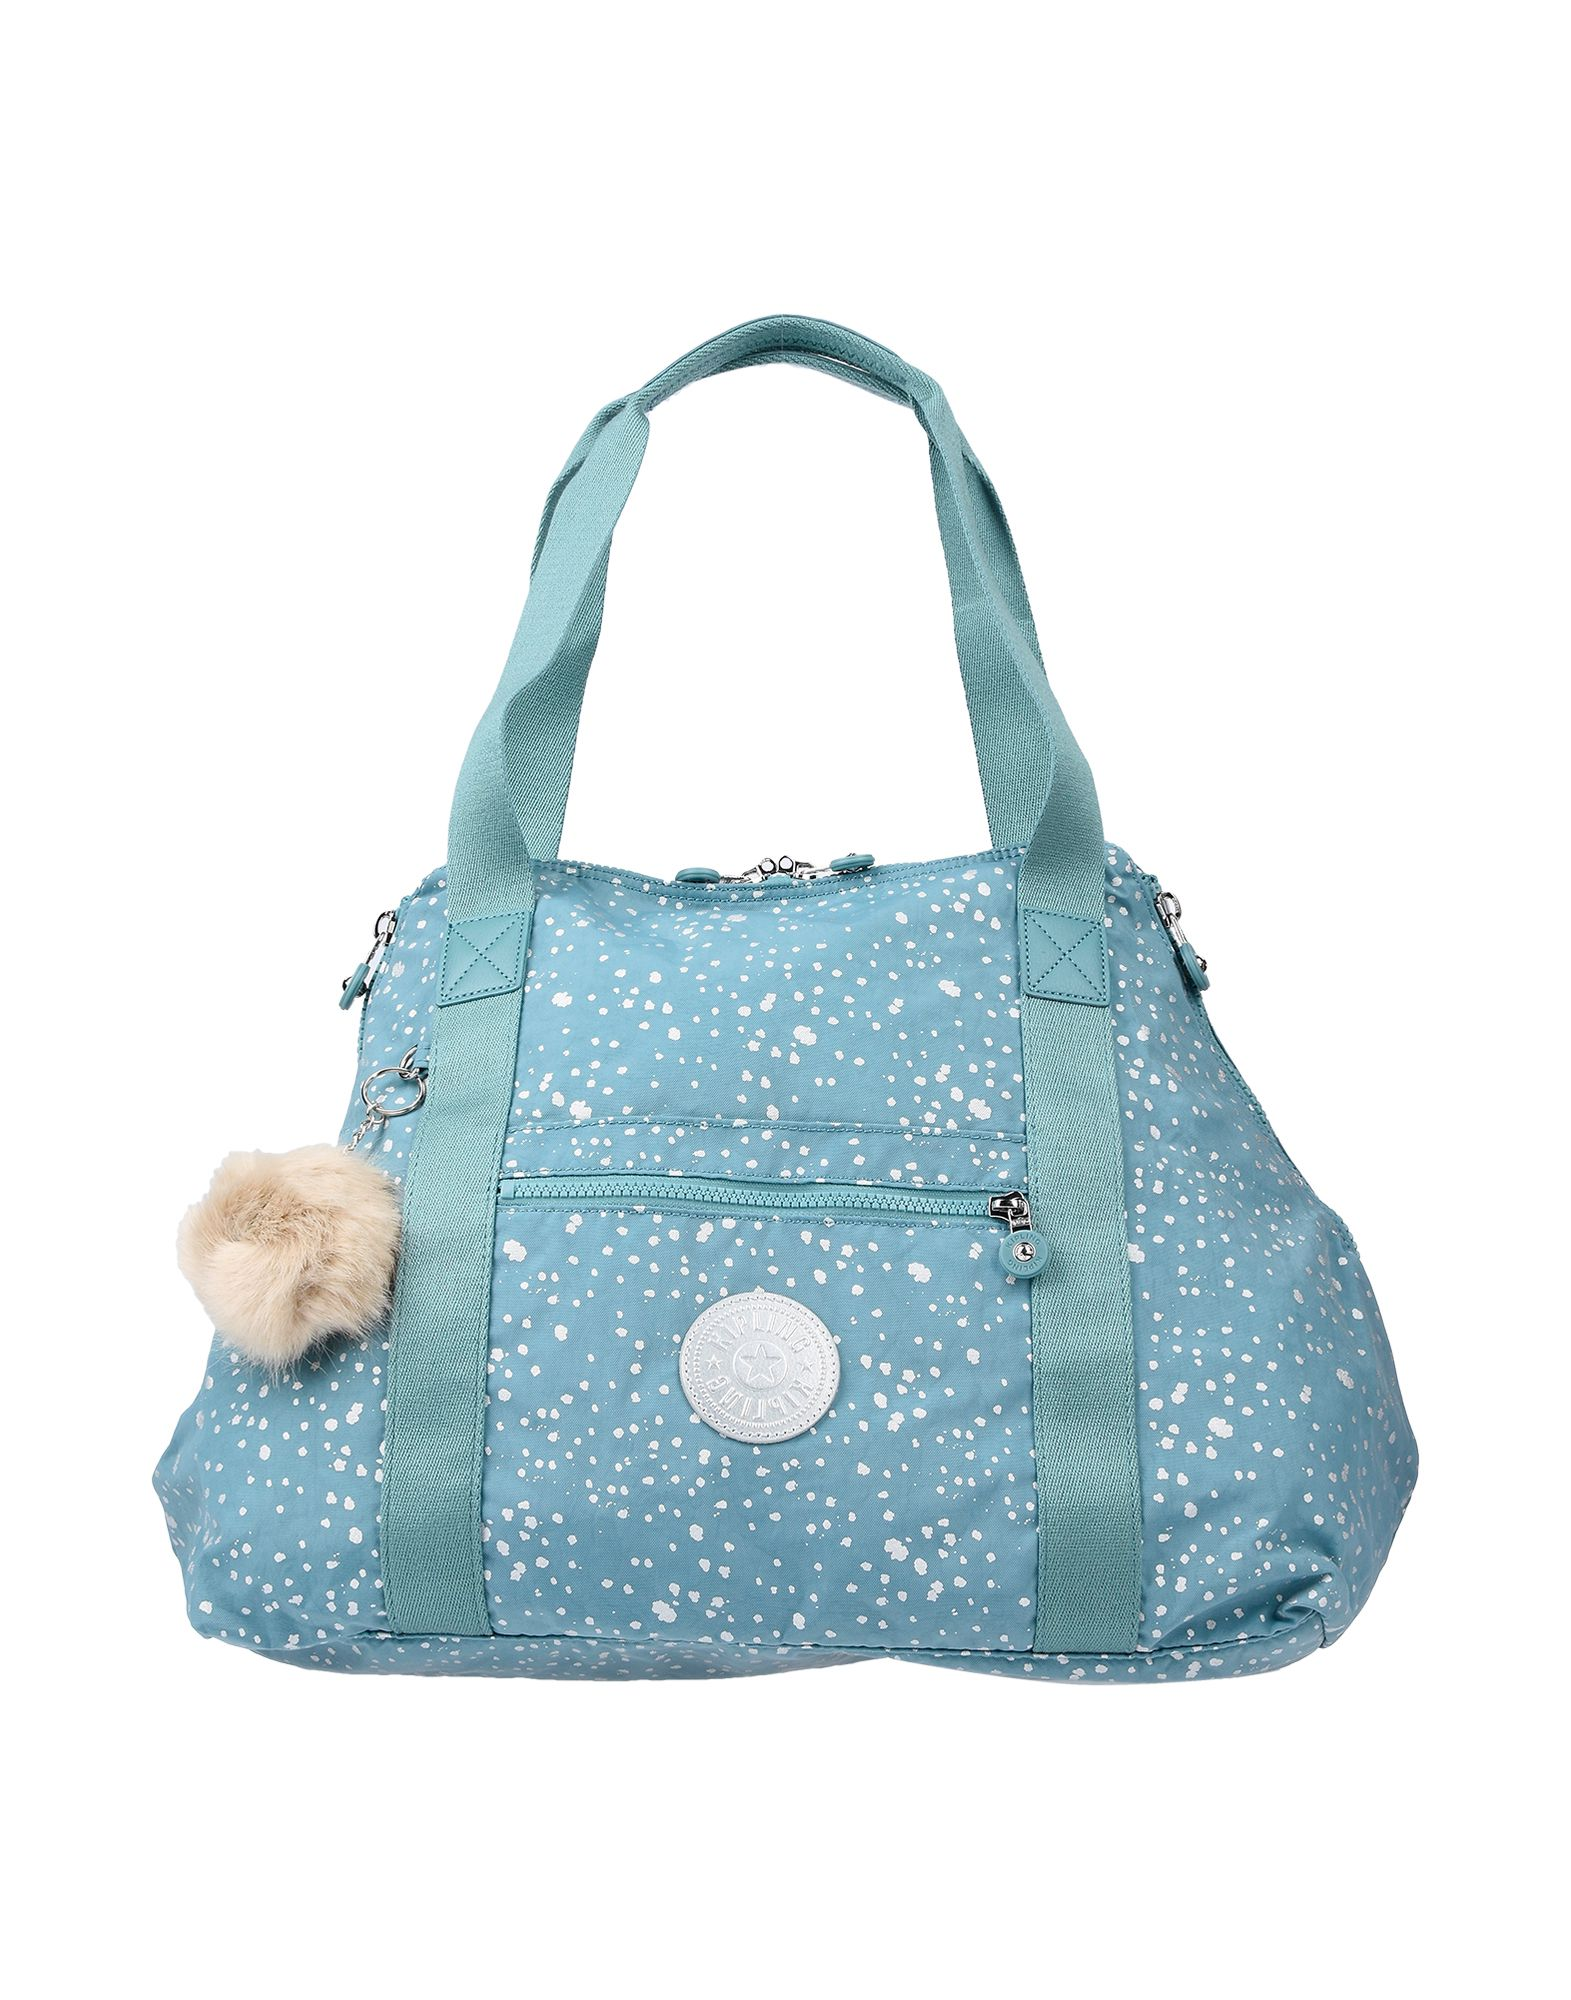 《送料無料》KIPLING レディース ハンドバッグ ブルーグレー 紡績繊維